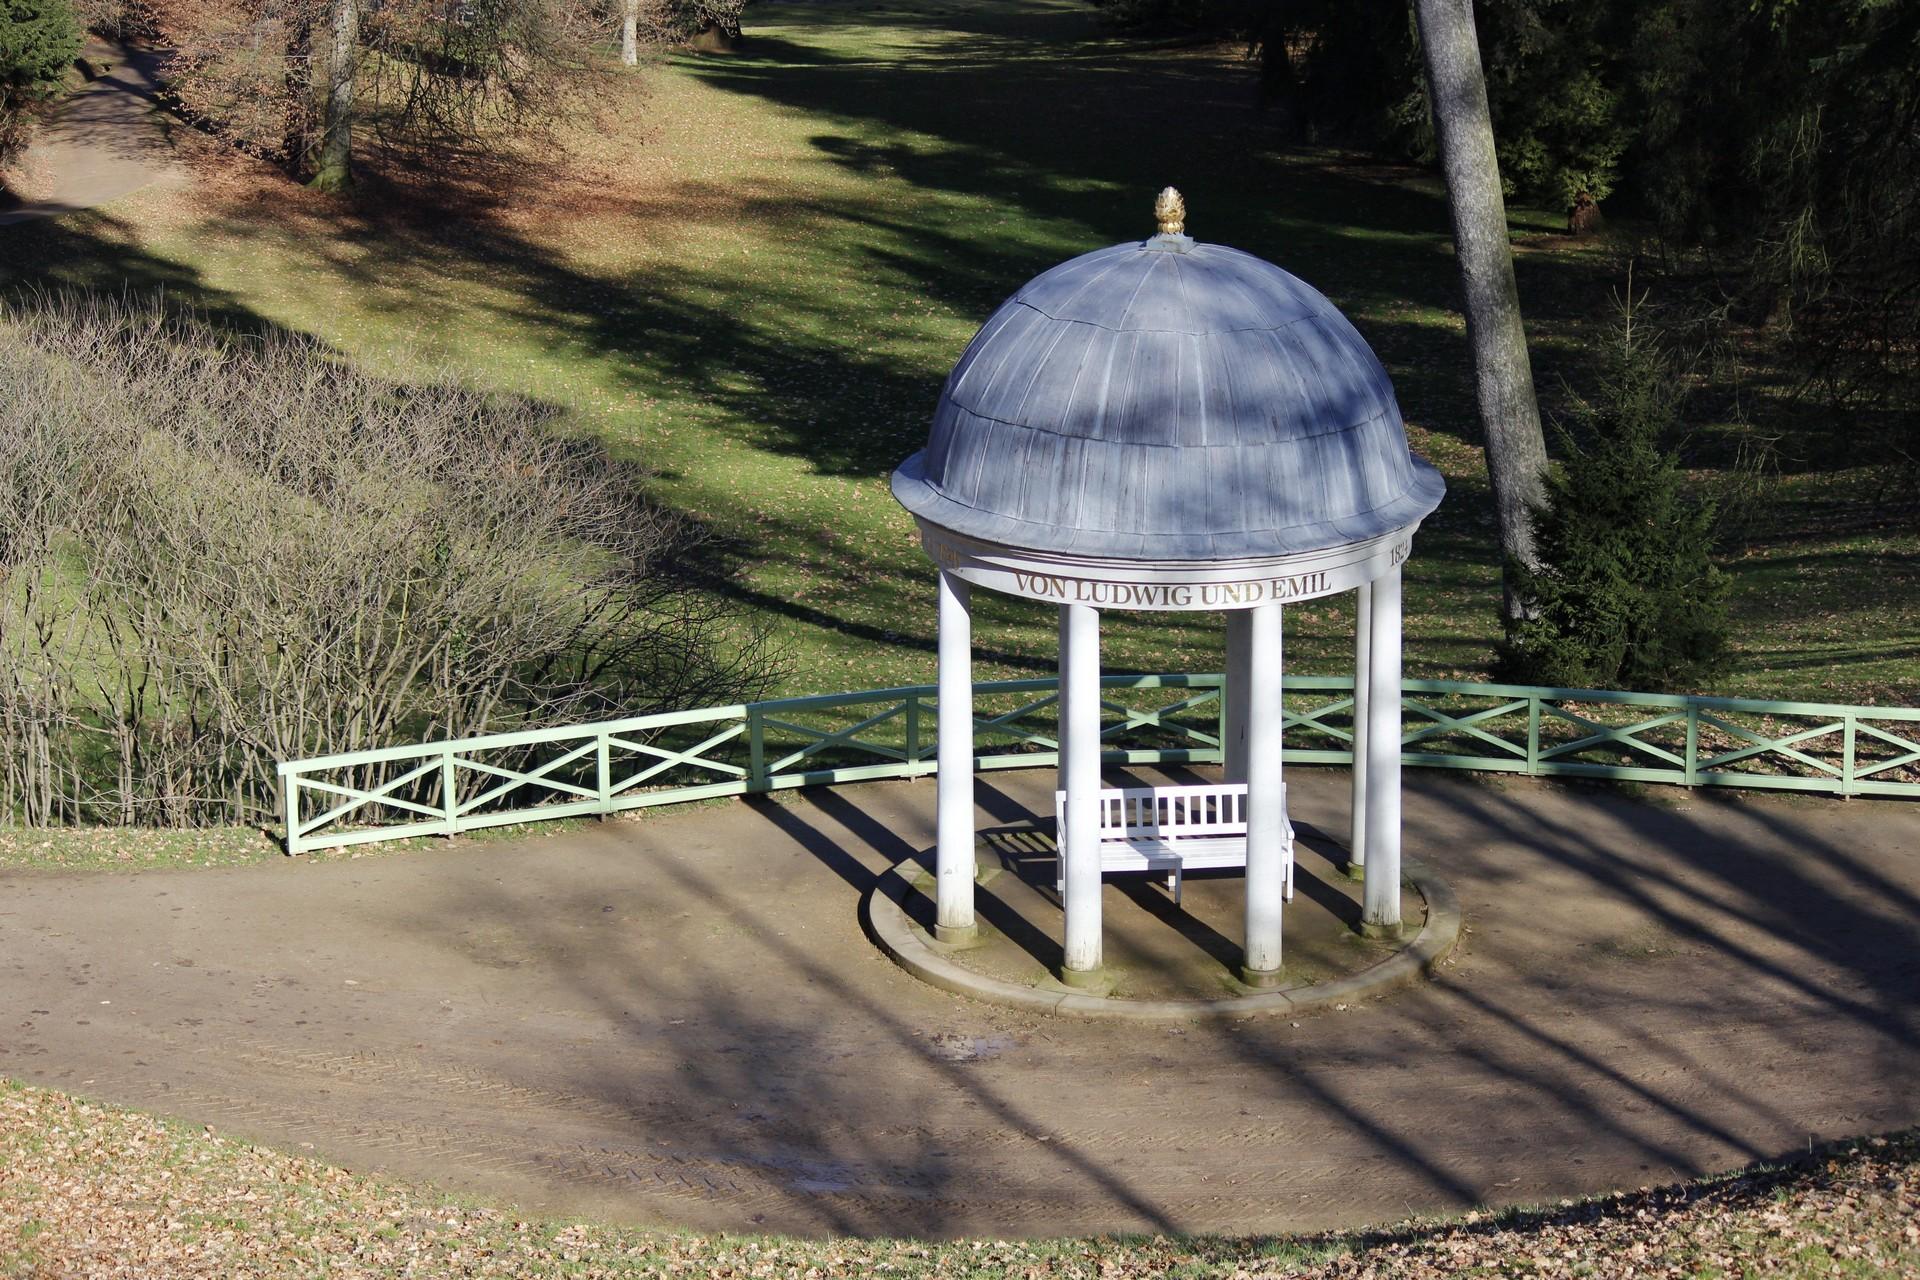 Pavillon im Fürstenlager Bensheim